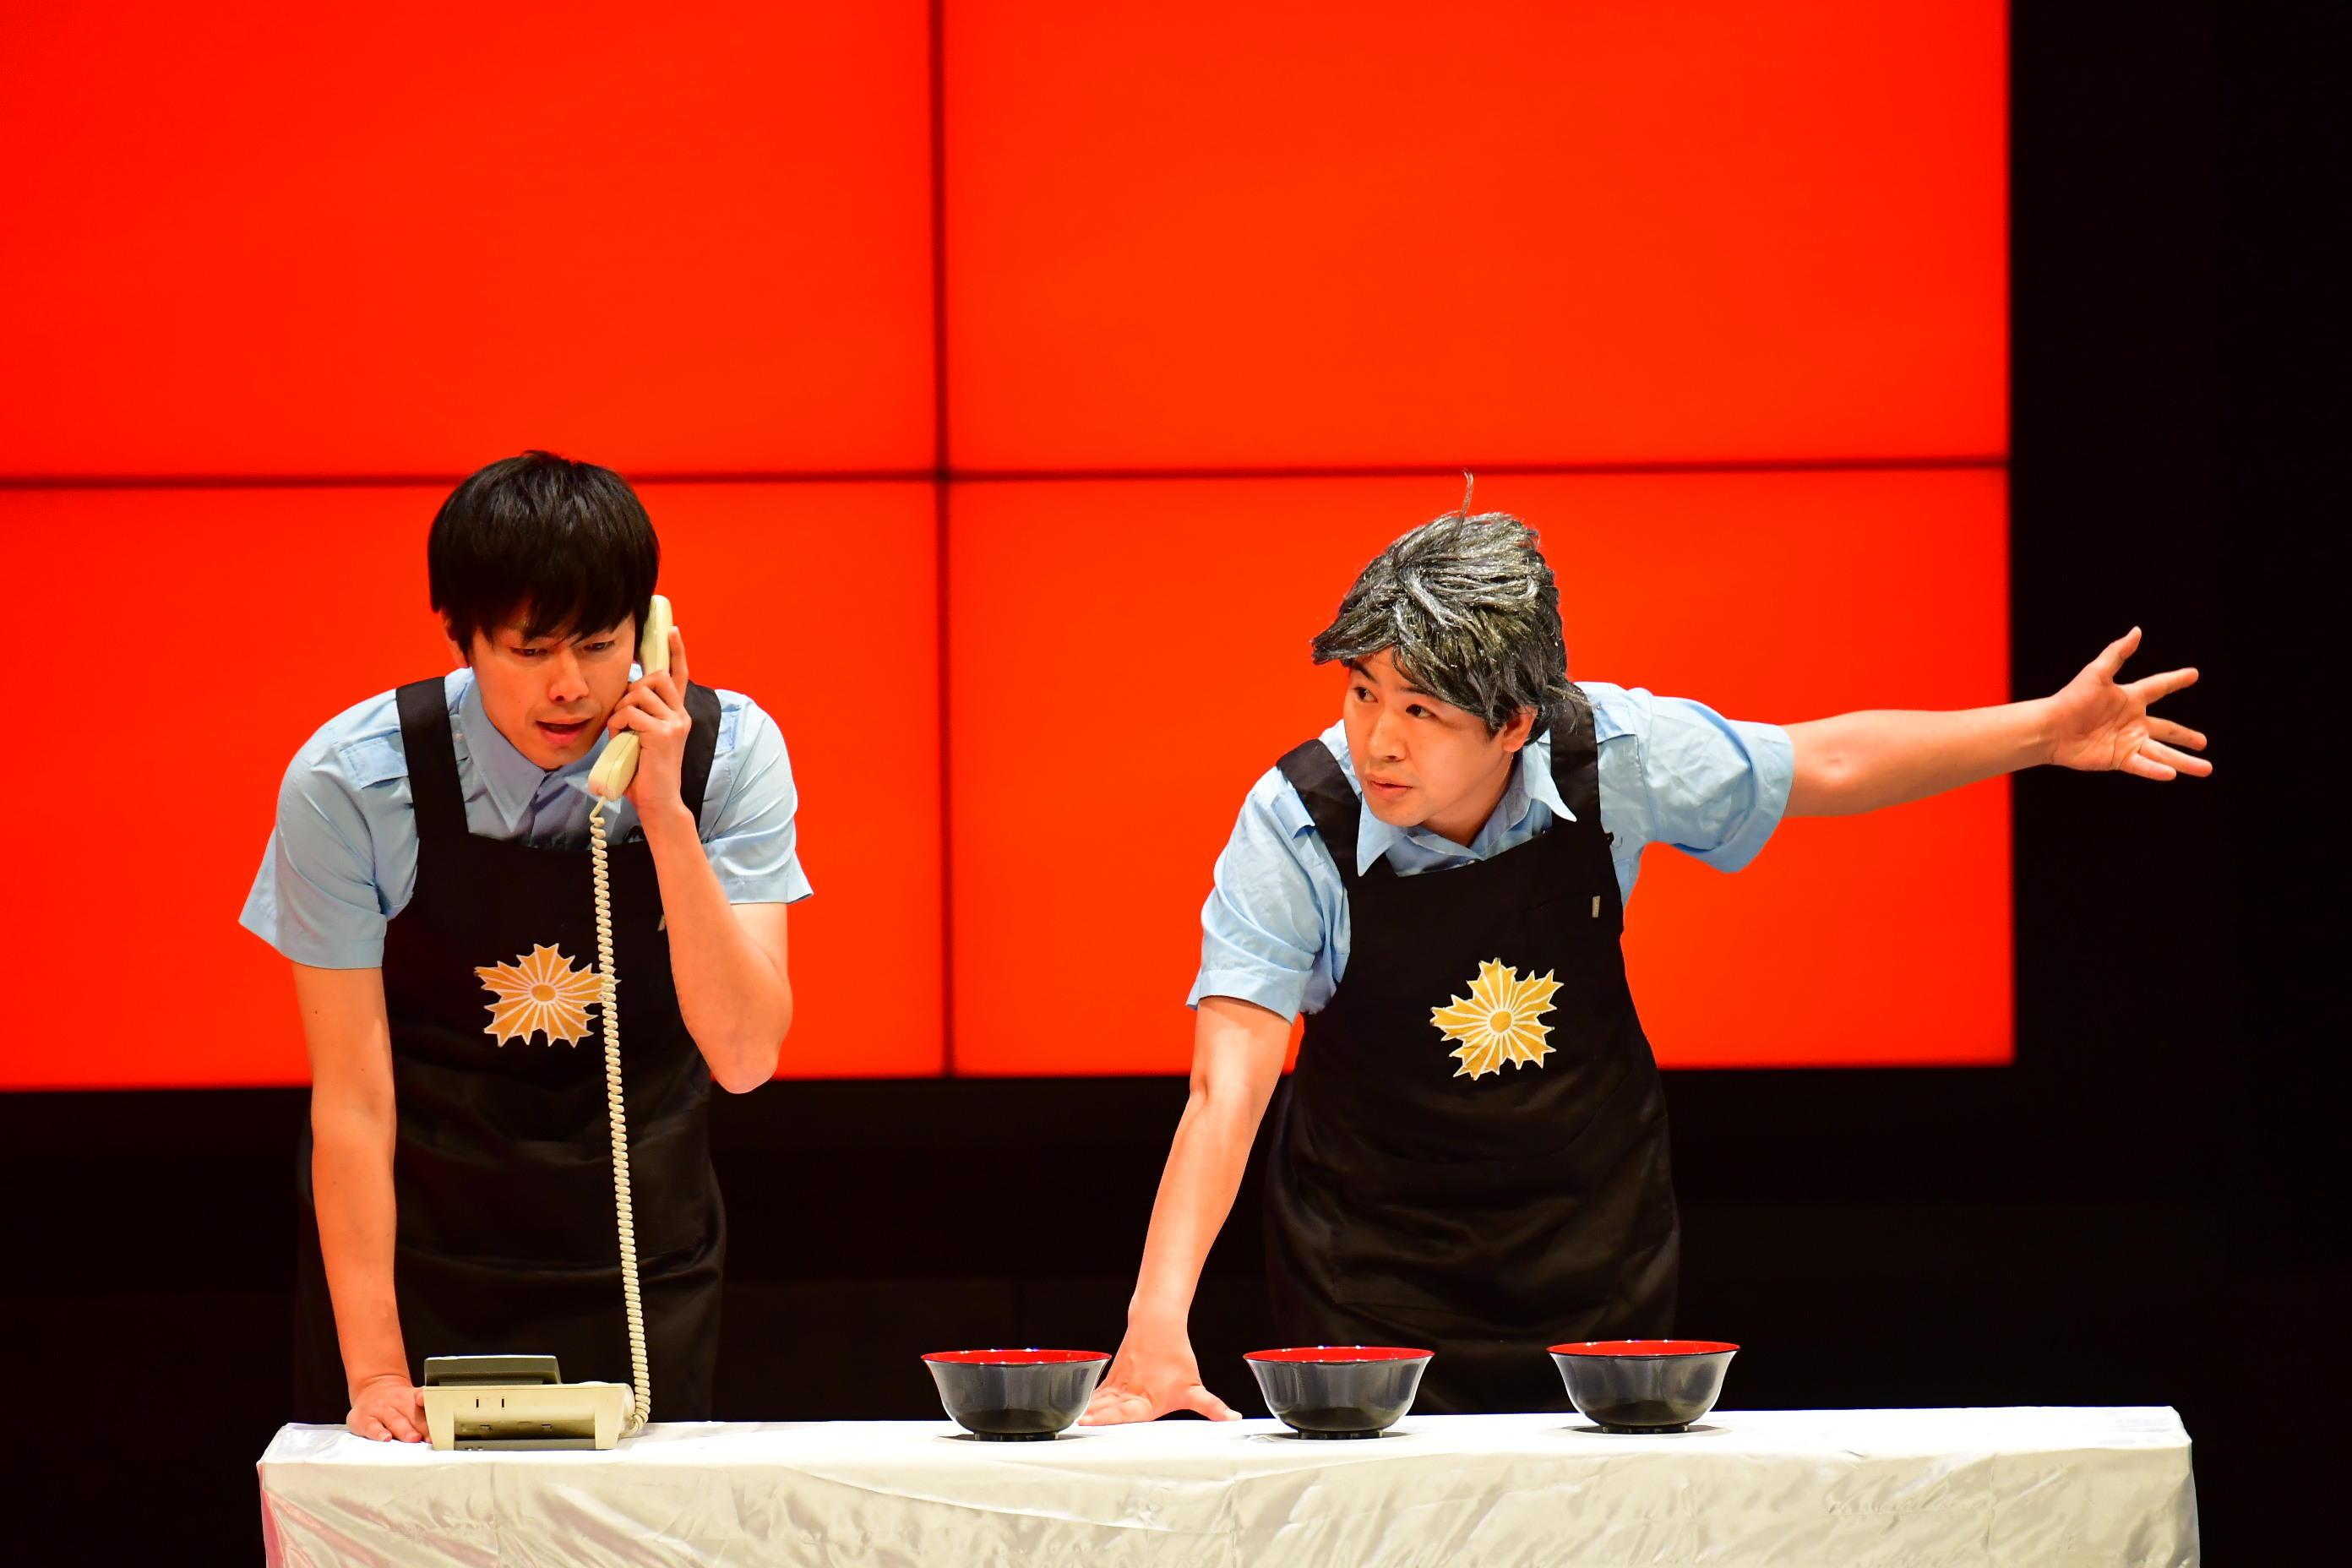 http://news.yoshimoto.co.jp/20180109015219-1417b458ecb0e5ef01de9b3b2af273f8c16b9a23.jpg